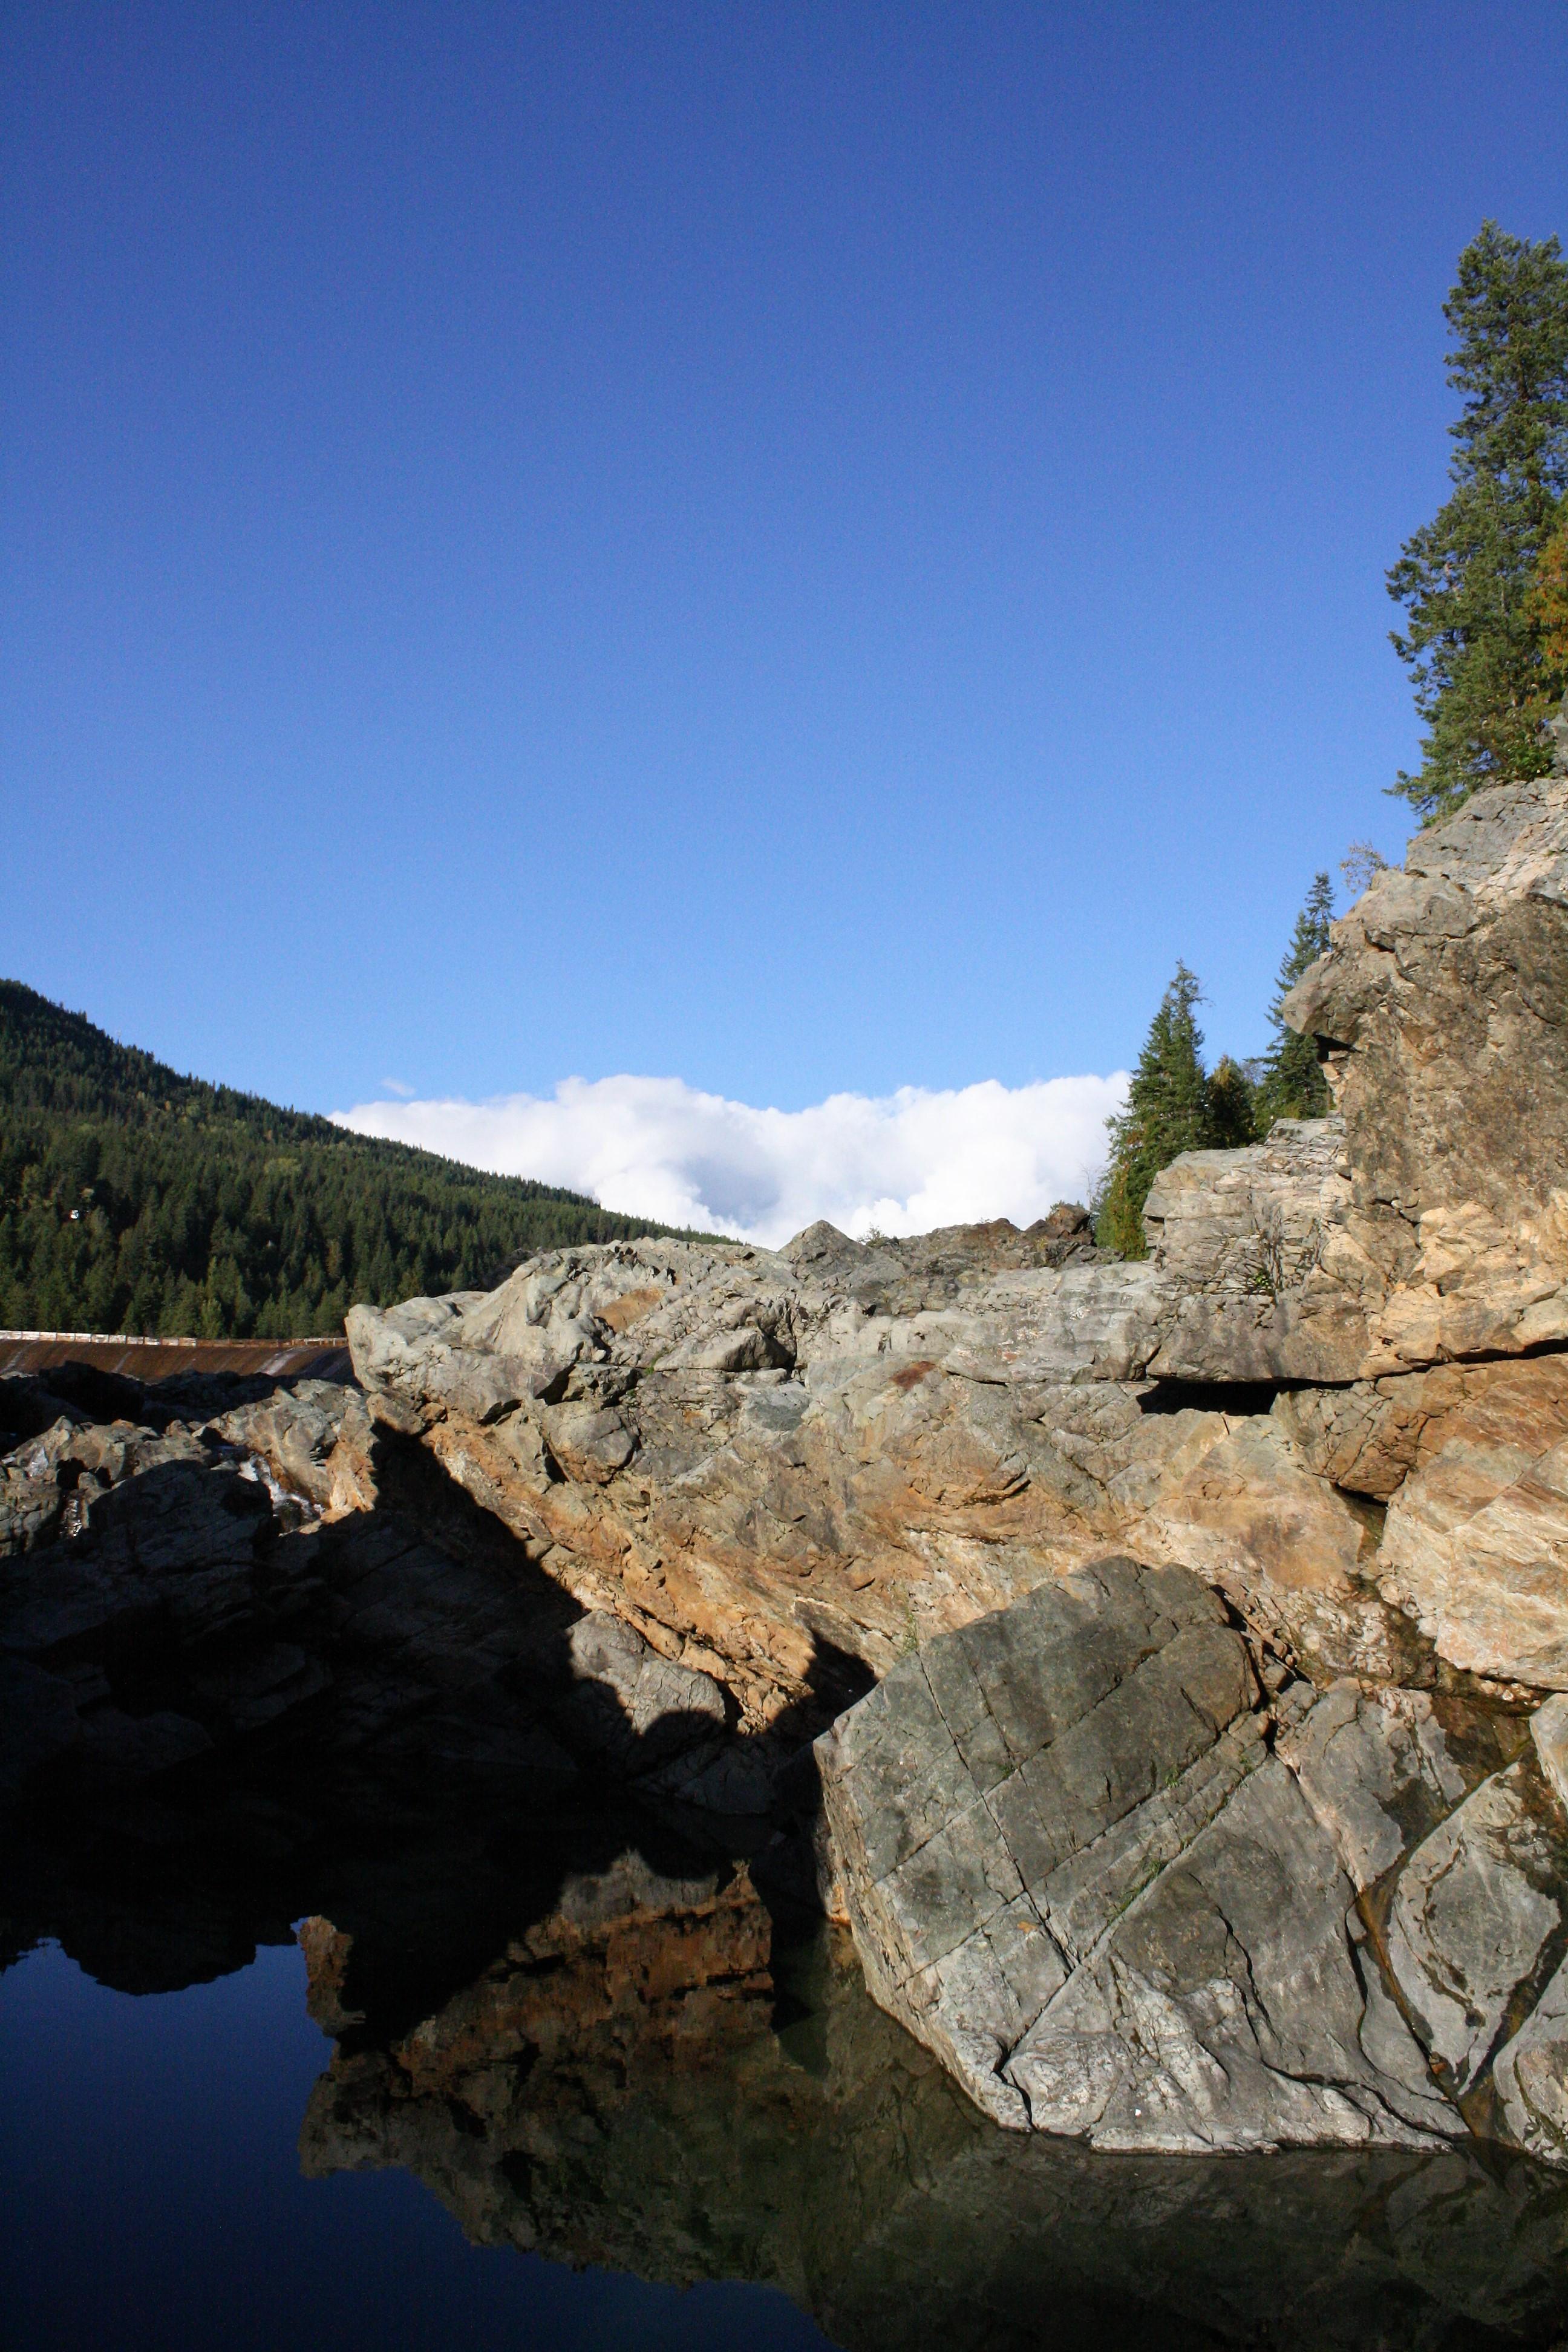 DM_nature_landscape_gimliparadise_0381